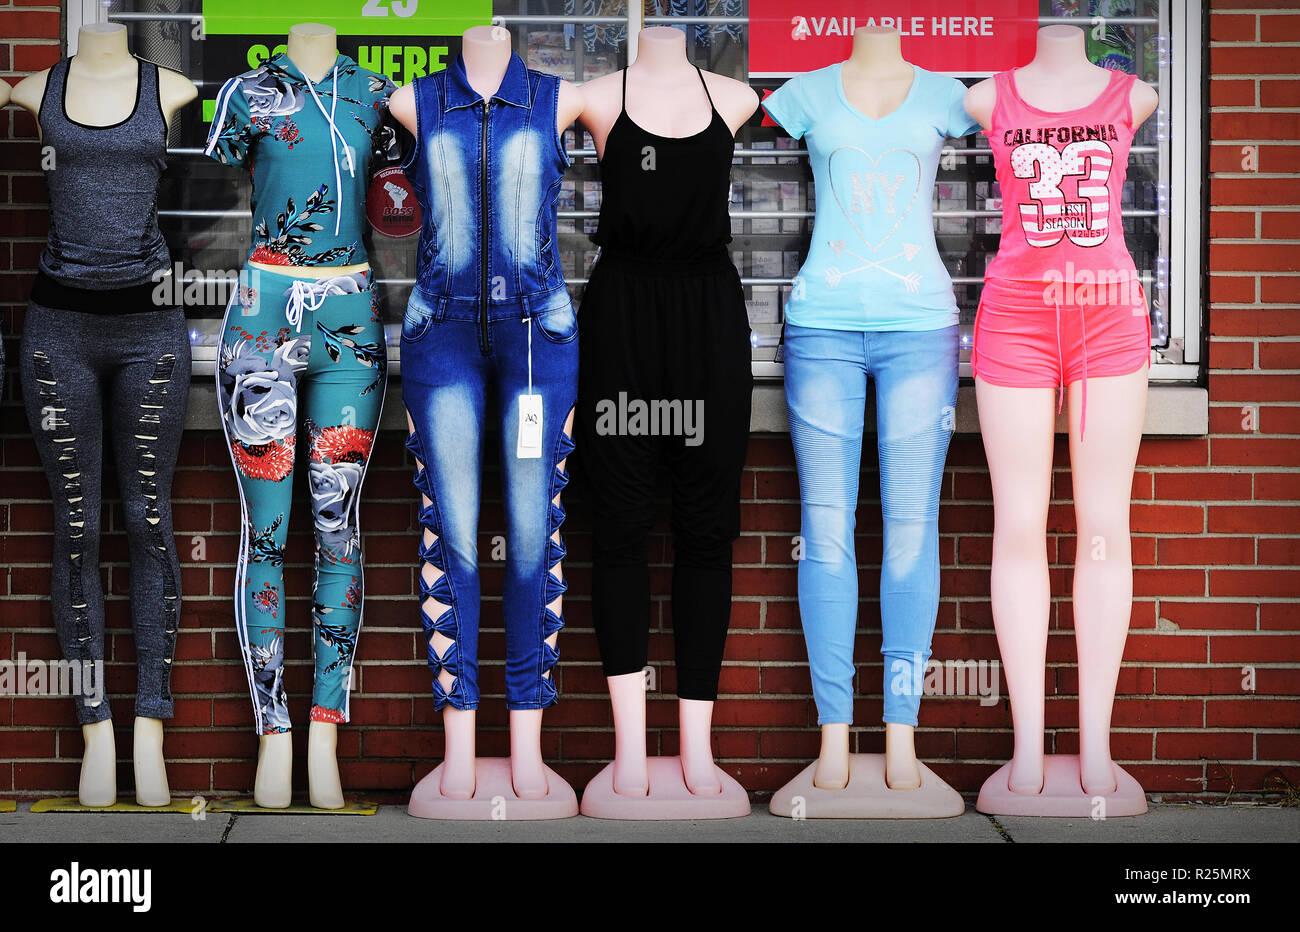 08f14eac3 Ropa para mujeres jóvenes sobre maniquíes muestran fuera de una tienda.